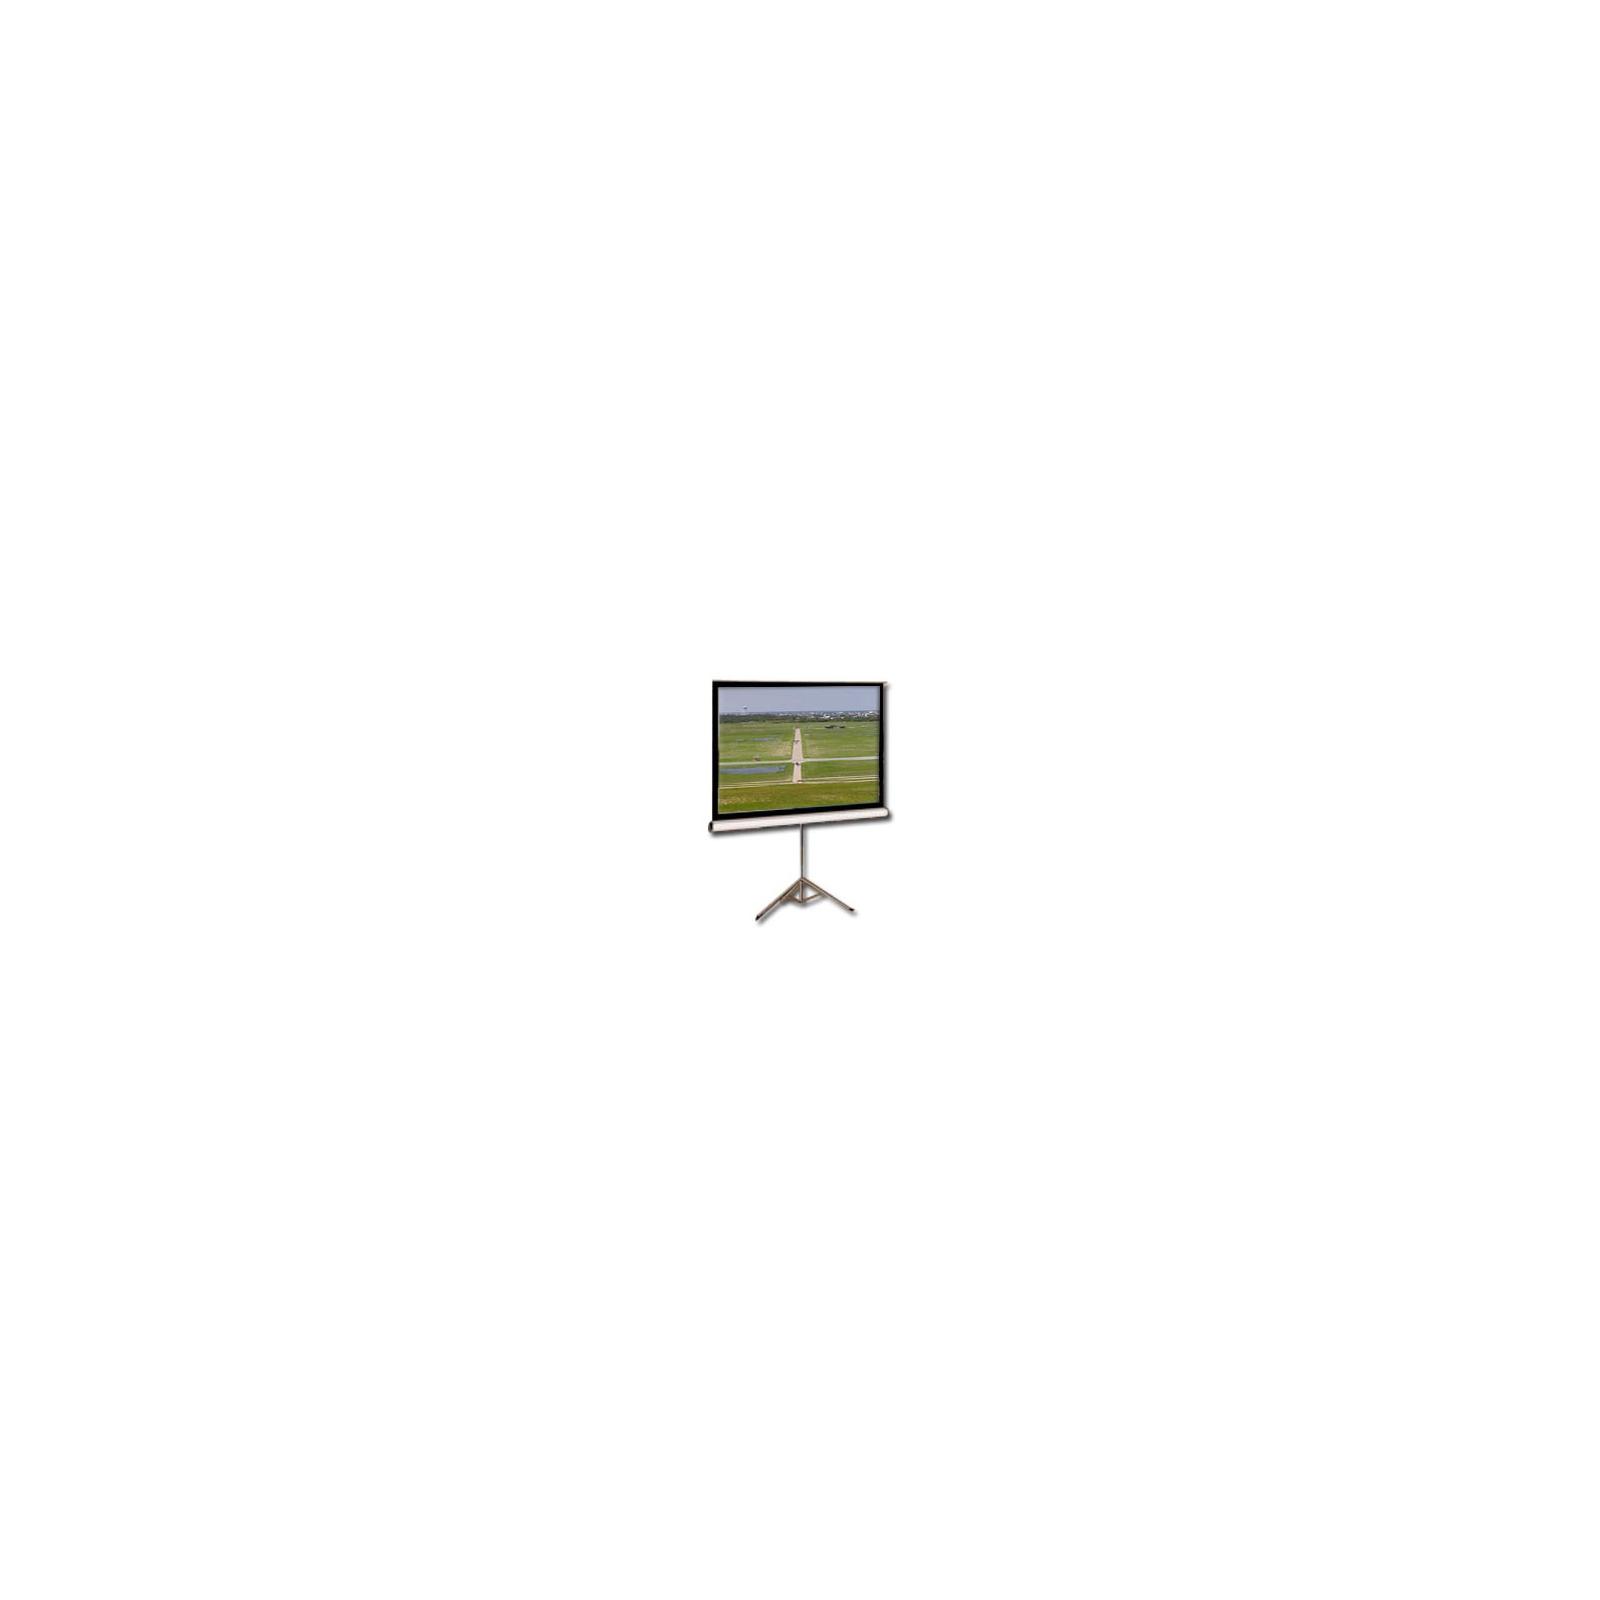 Проекционный экран T113NWS1 ELITE SCREENS